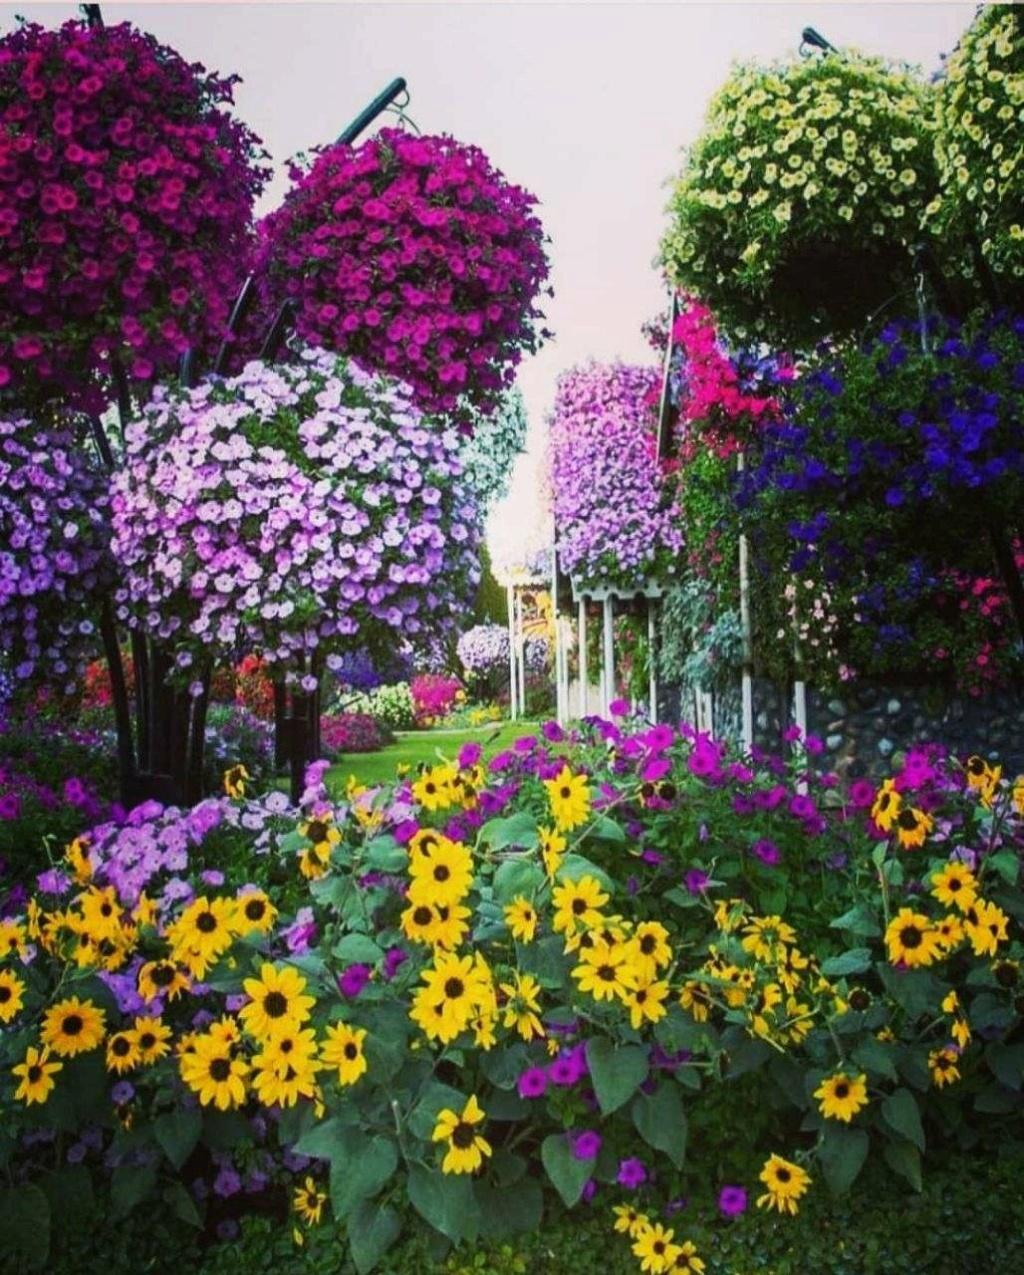 الحياة حديقة فيها كل انواع  الزهور و الورود Img_2282